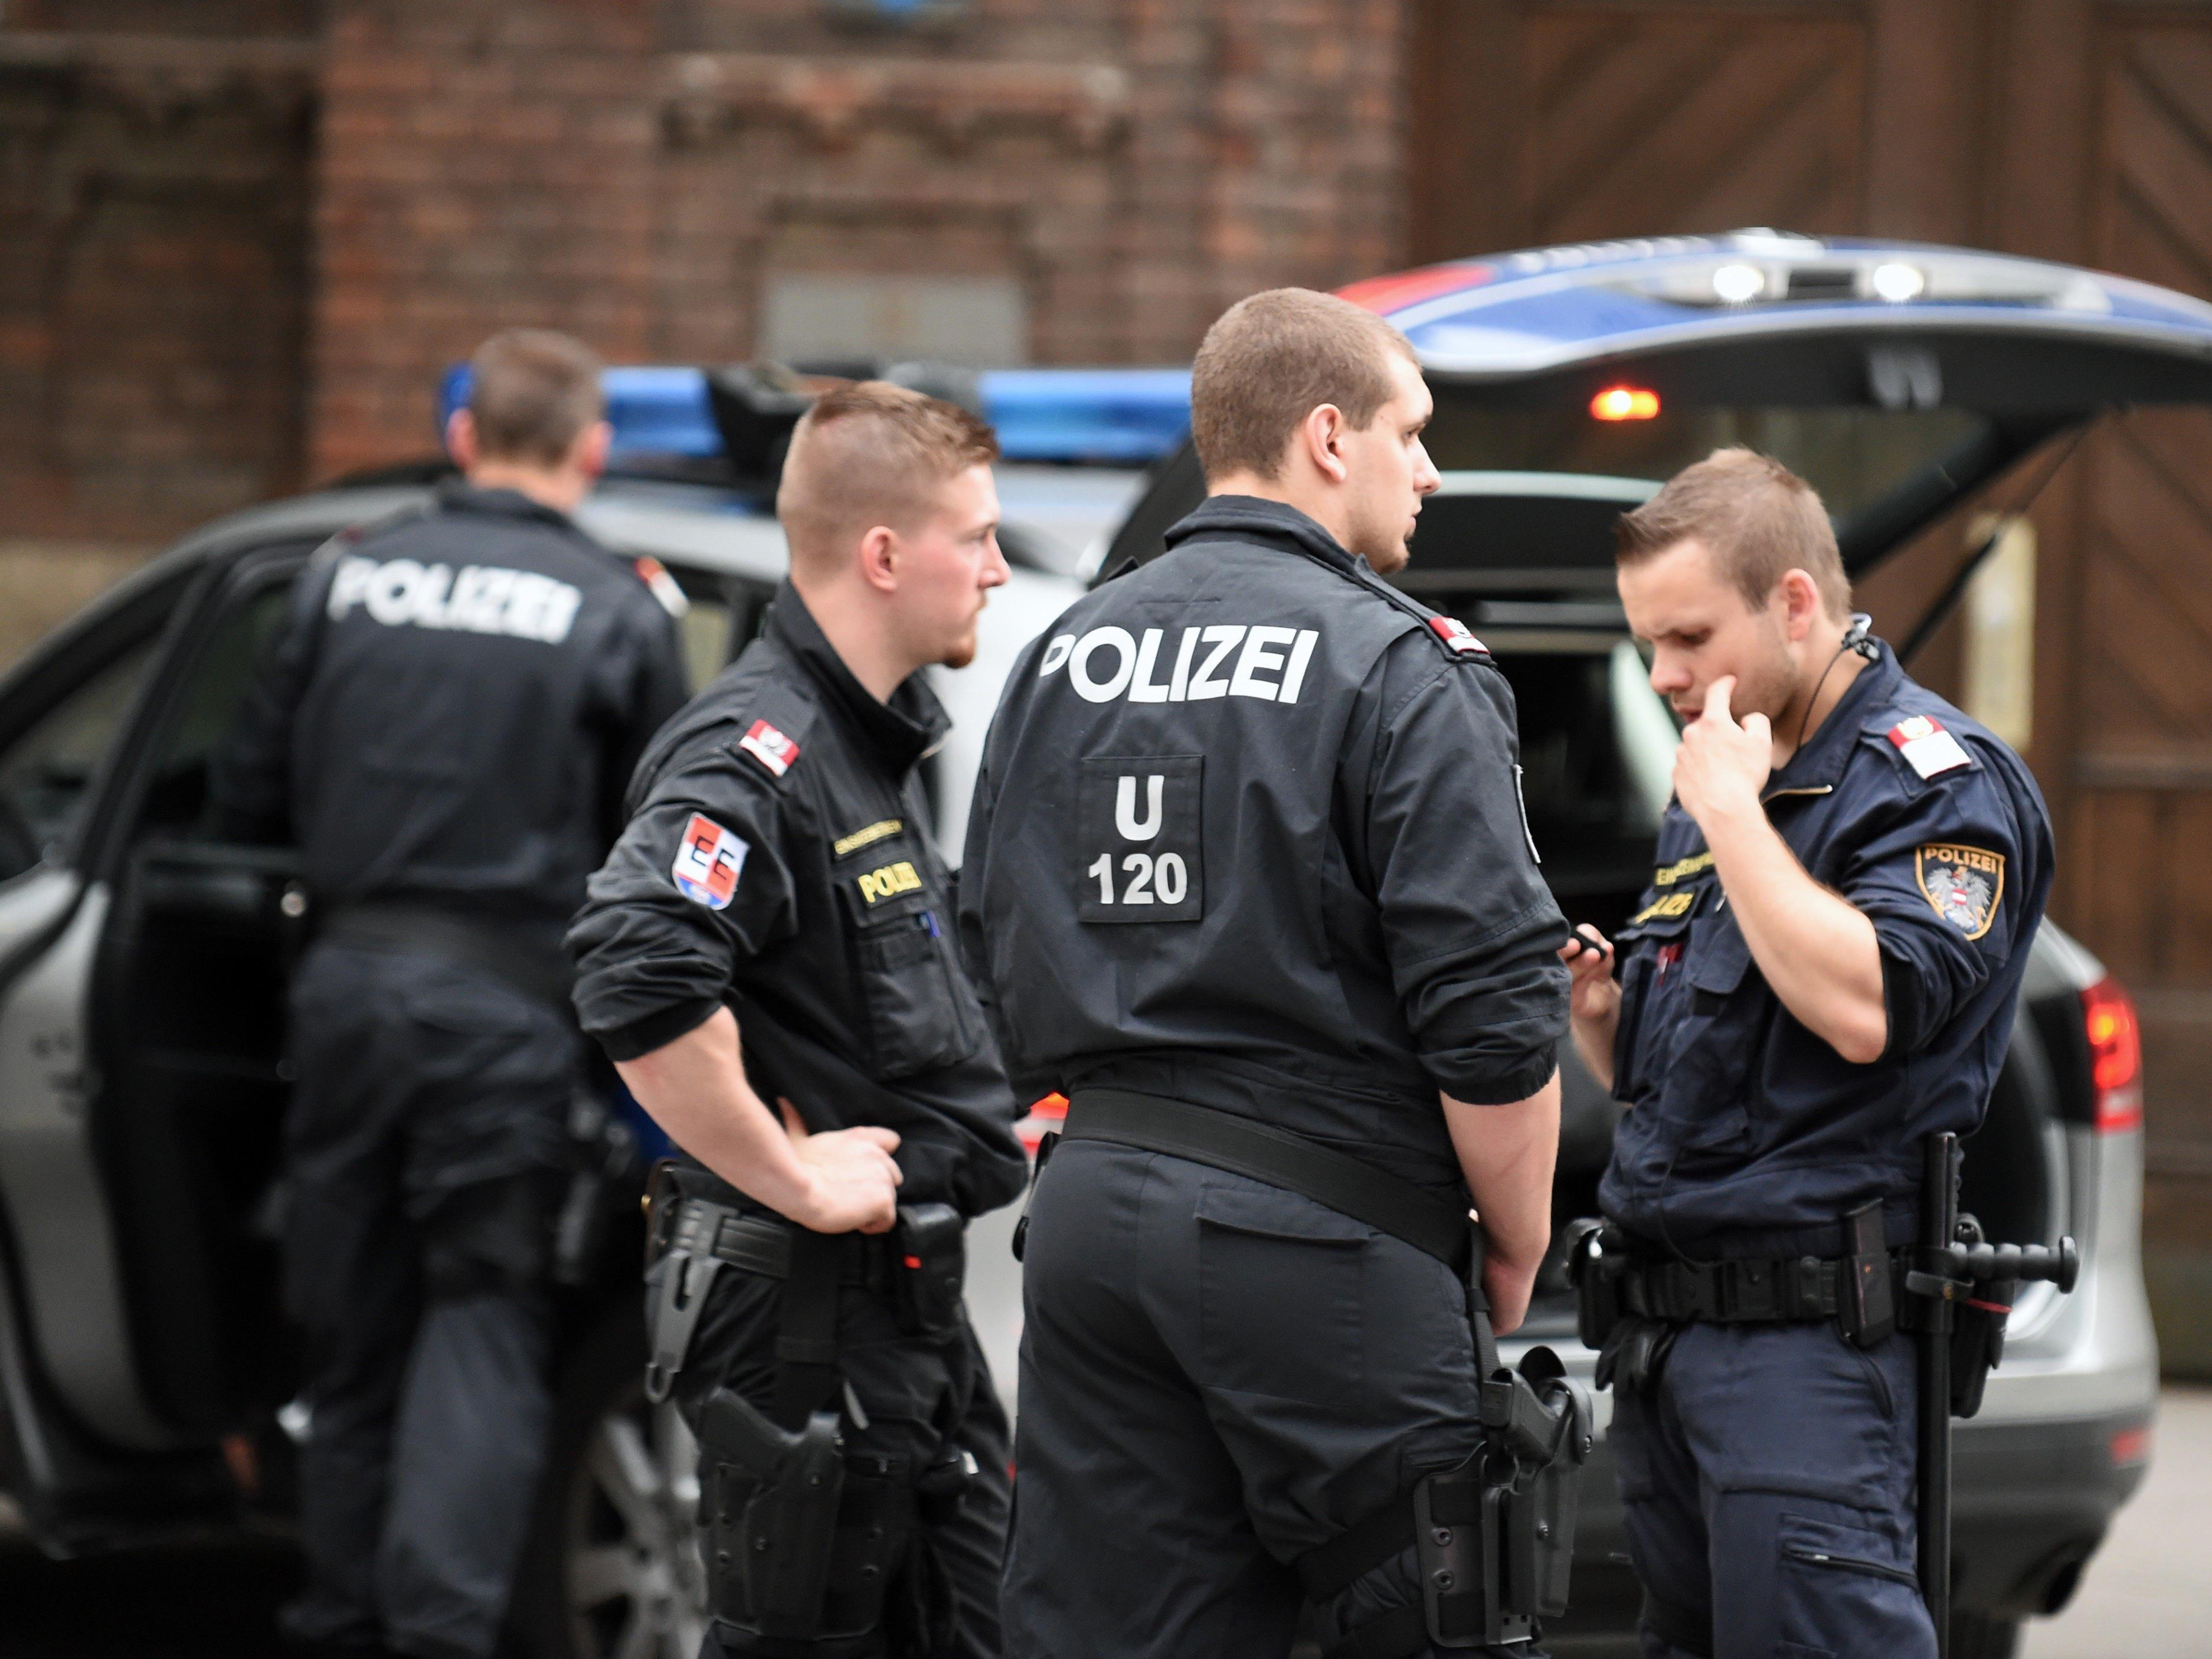 Erste Details zur Vorgehensweise des Täters beim Raubüberfall in Penzing sind nun bekannt